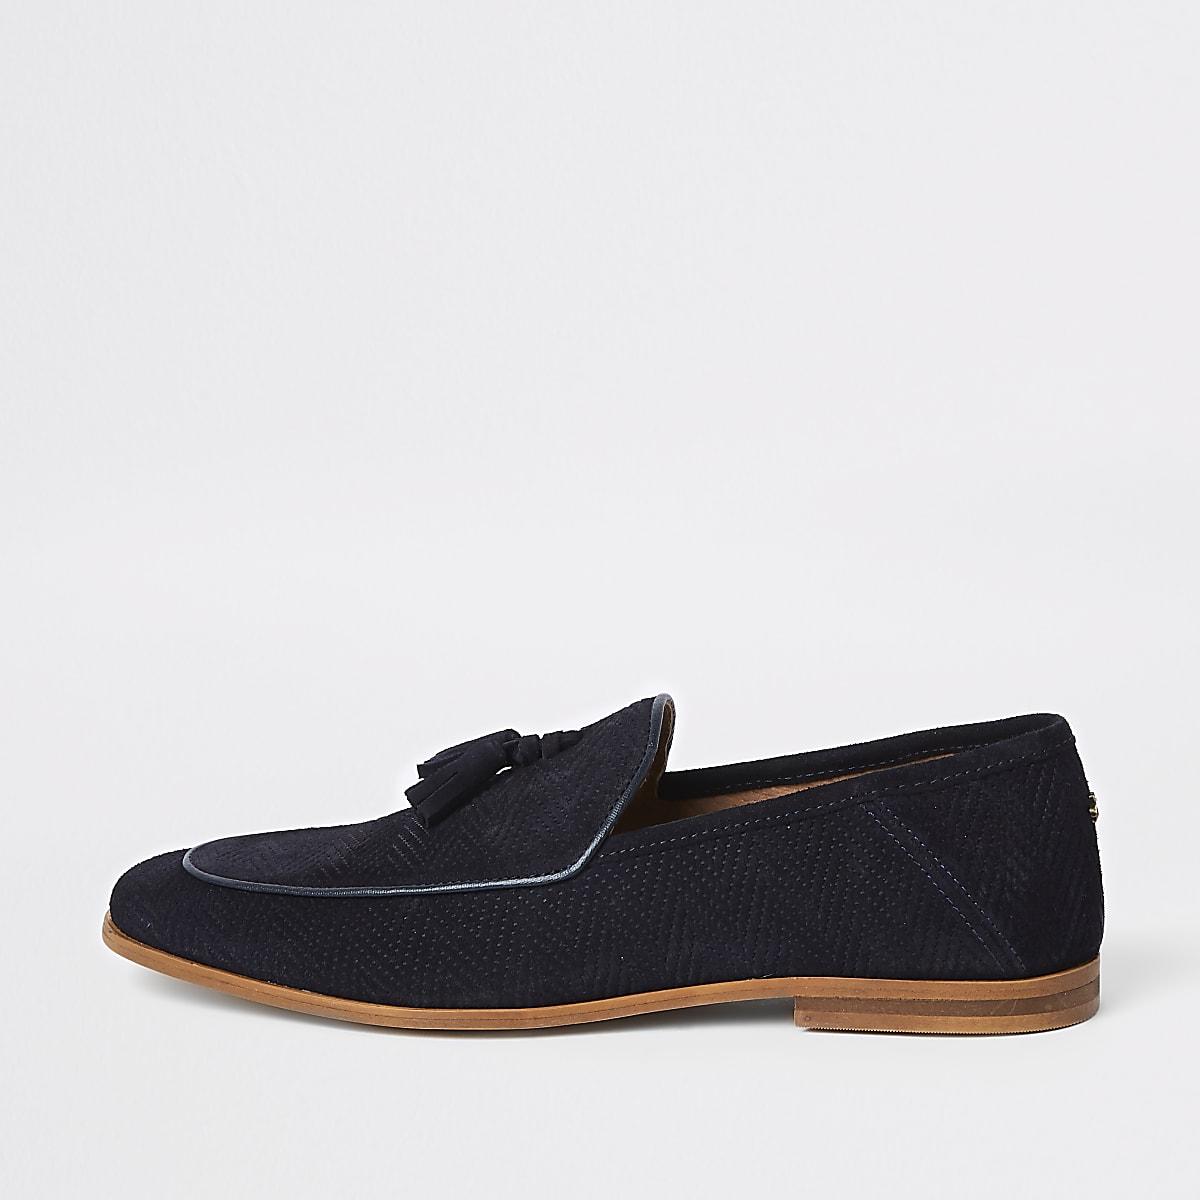 Marineblauwe suède geborduurde loafers